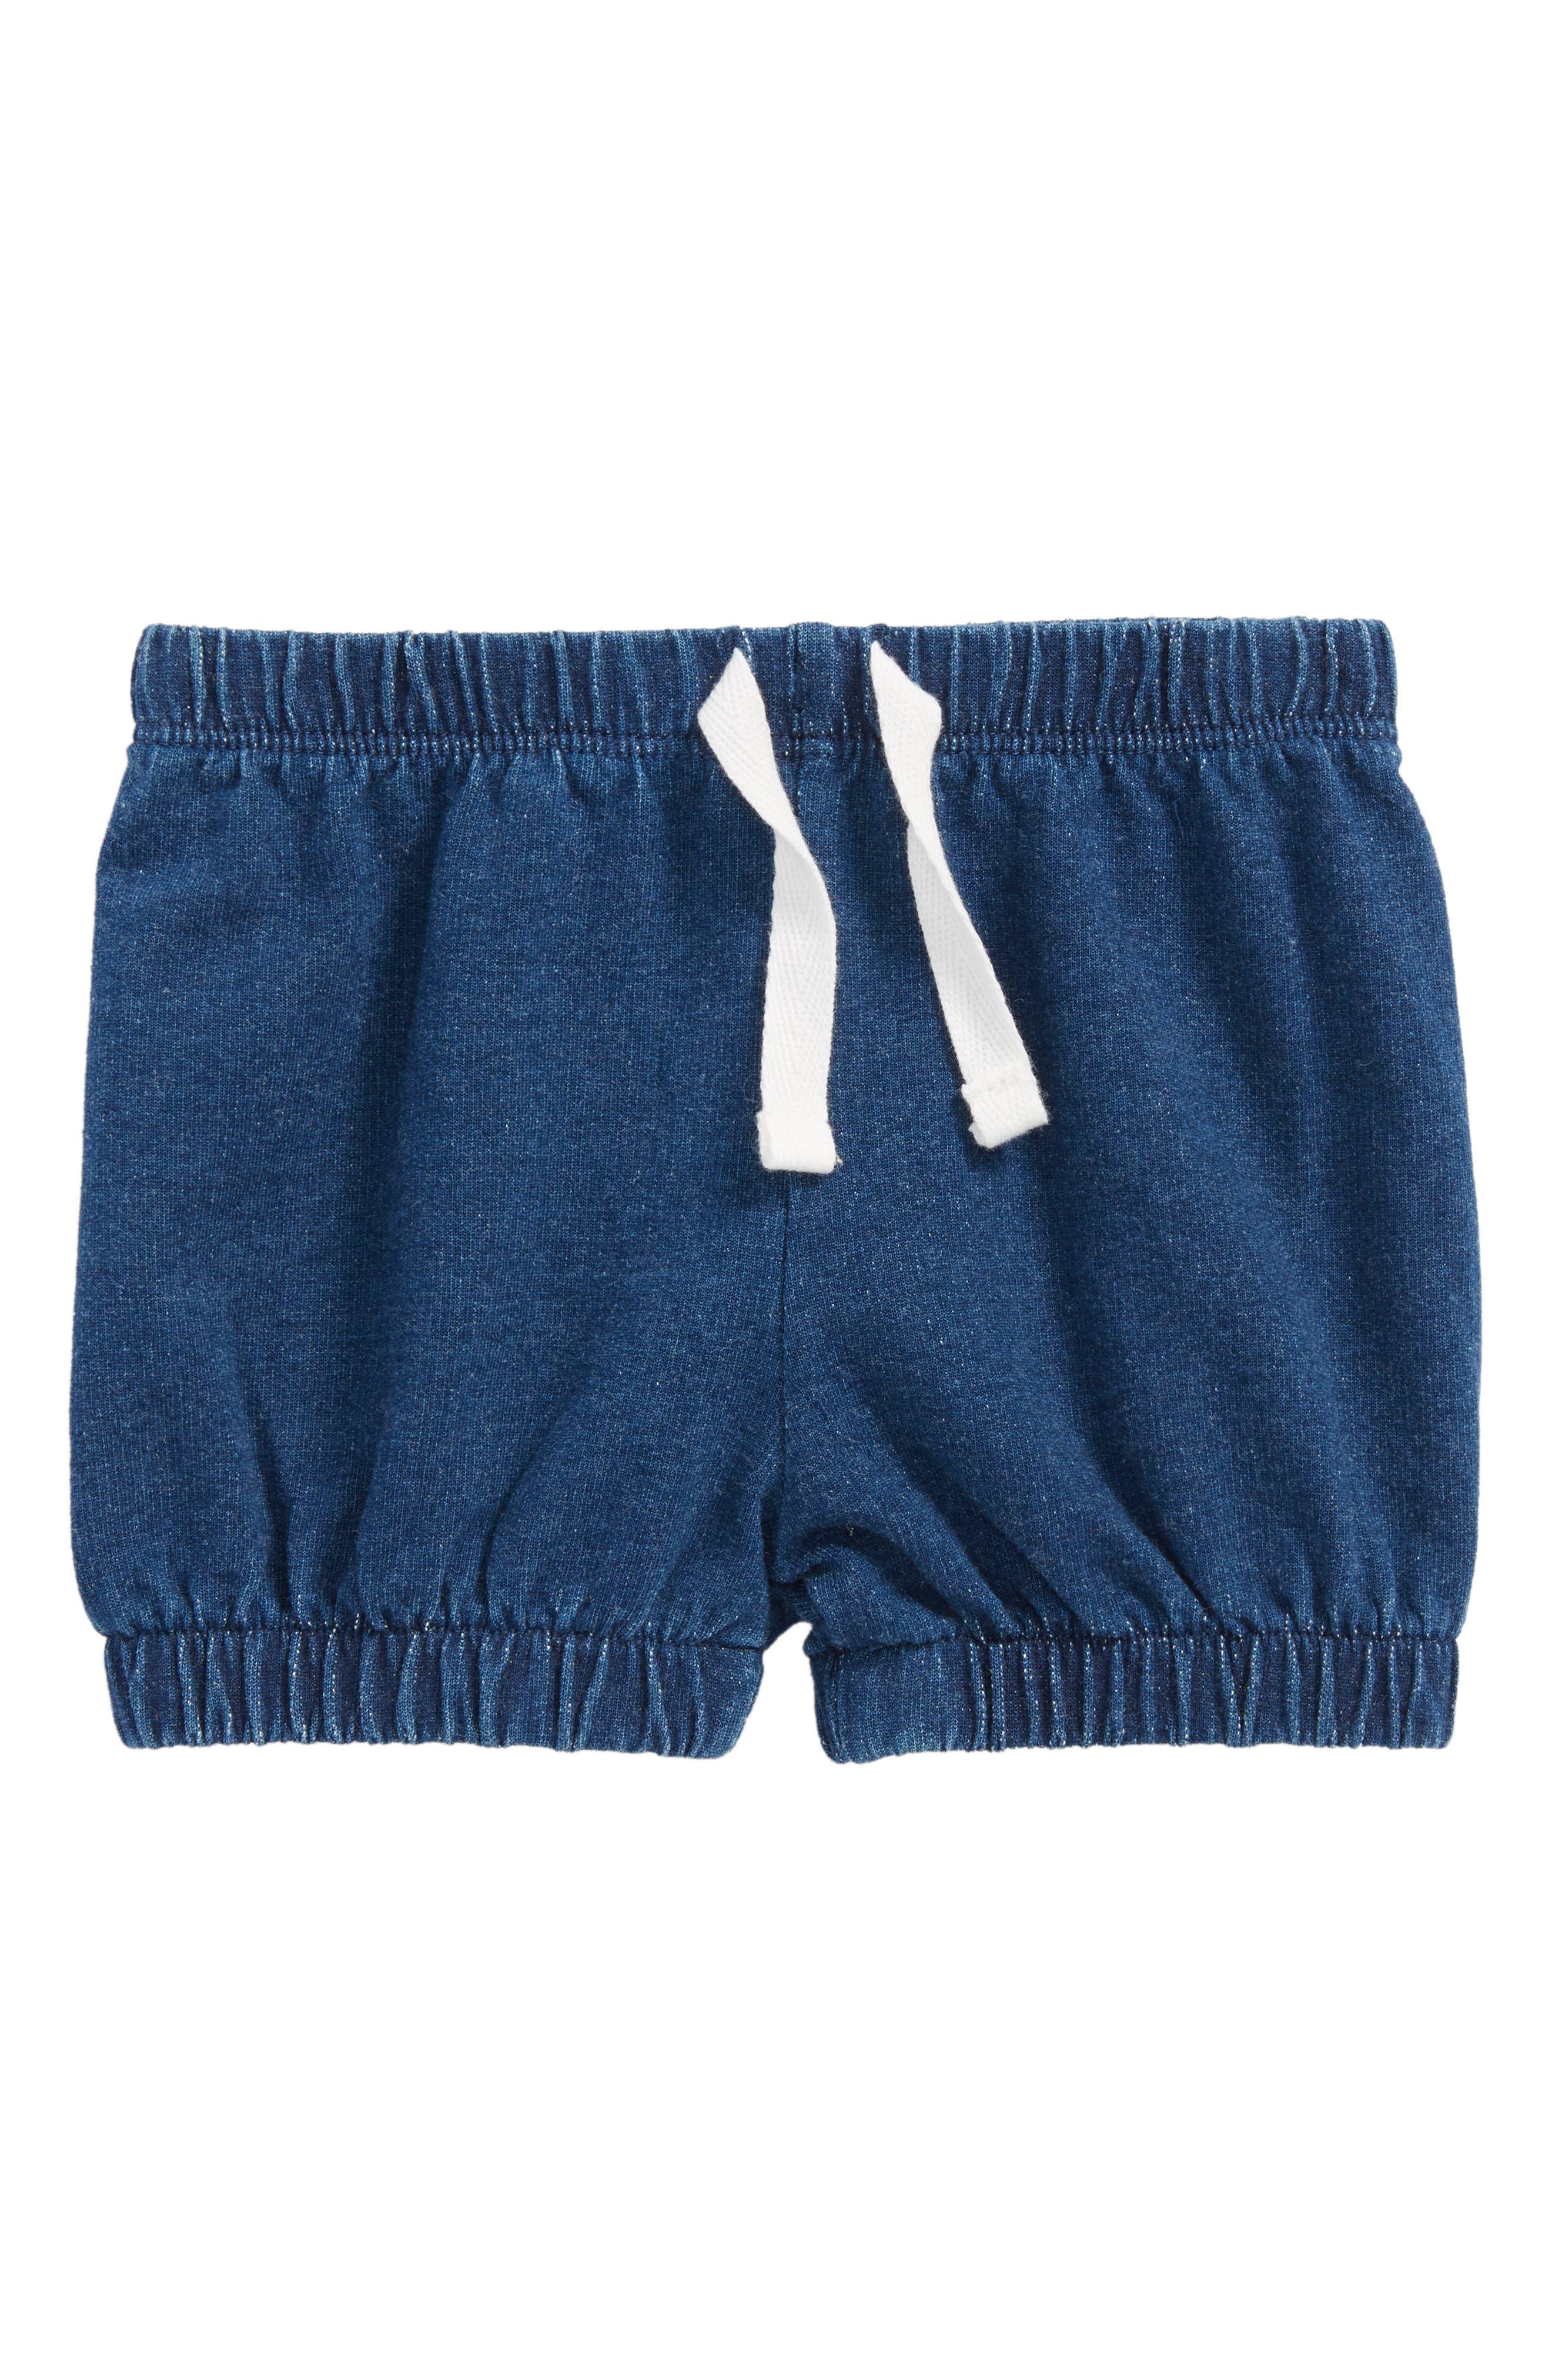 Bubble Shorts,                         Main,                         color, Blue Denim